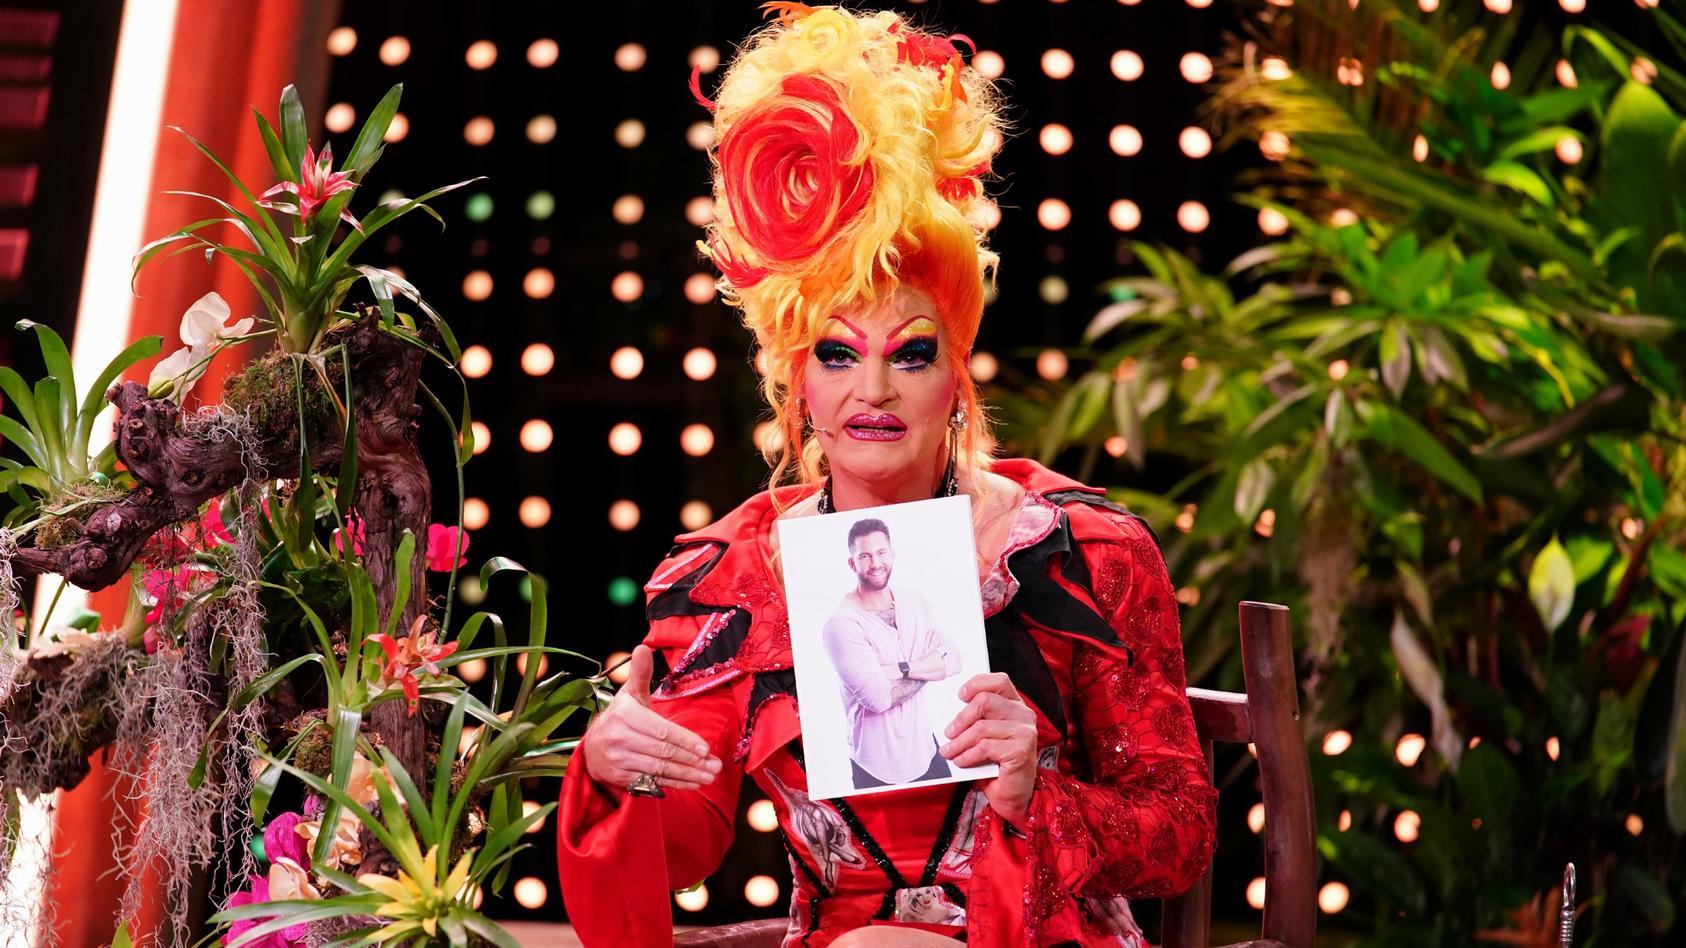 Dschungelshow-Studiogast Olivia Jones kommentiert die Leistung von Kandidat Oliver Sanne.